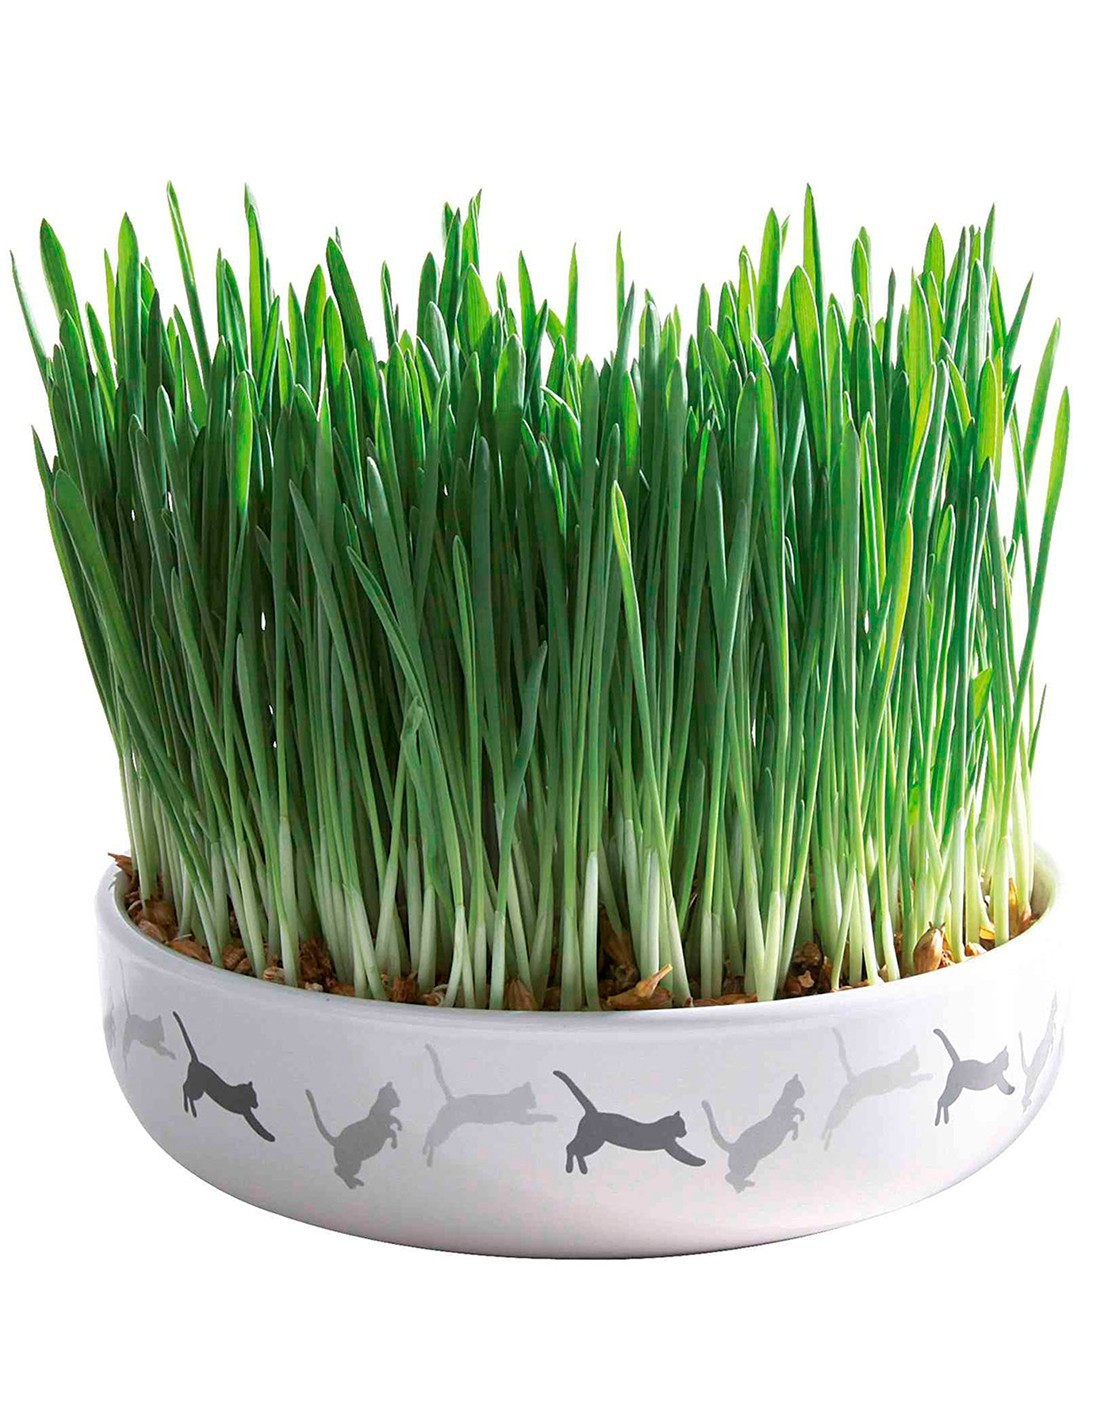 Comedero de cerámica gatos con hierba gatera